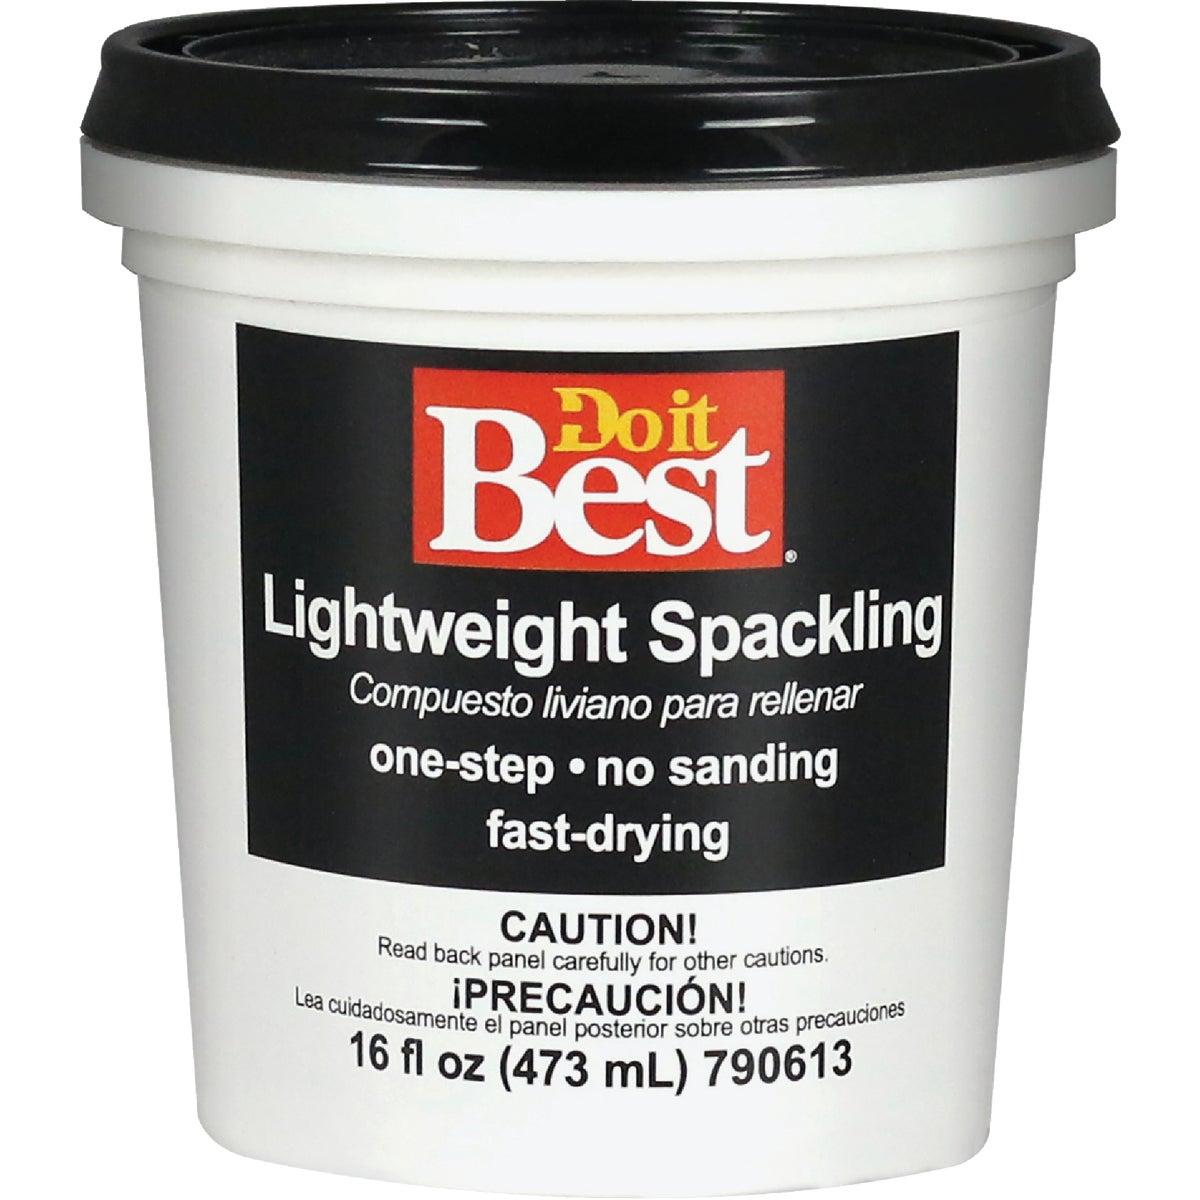 LIGHTWEIGHT SPACKLING